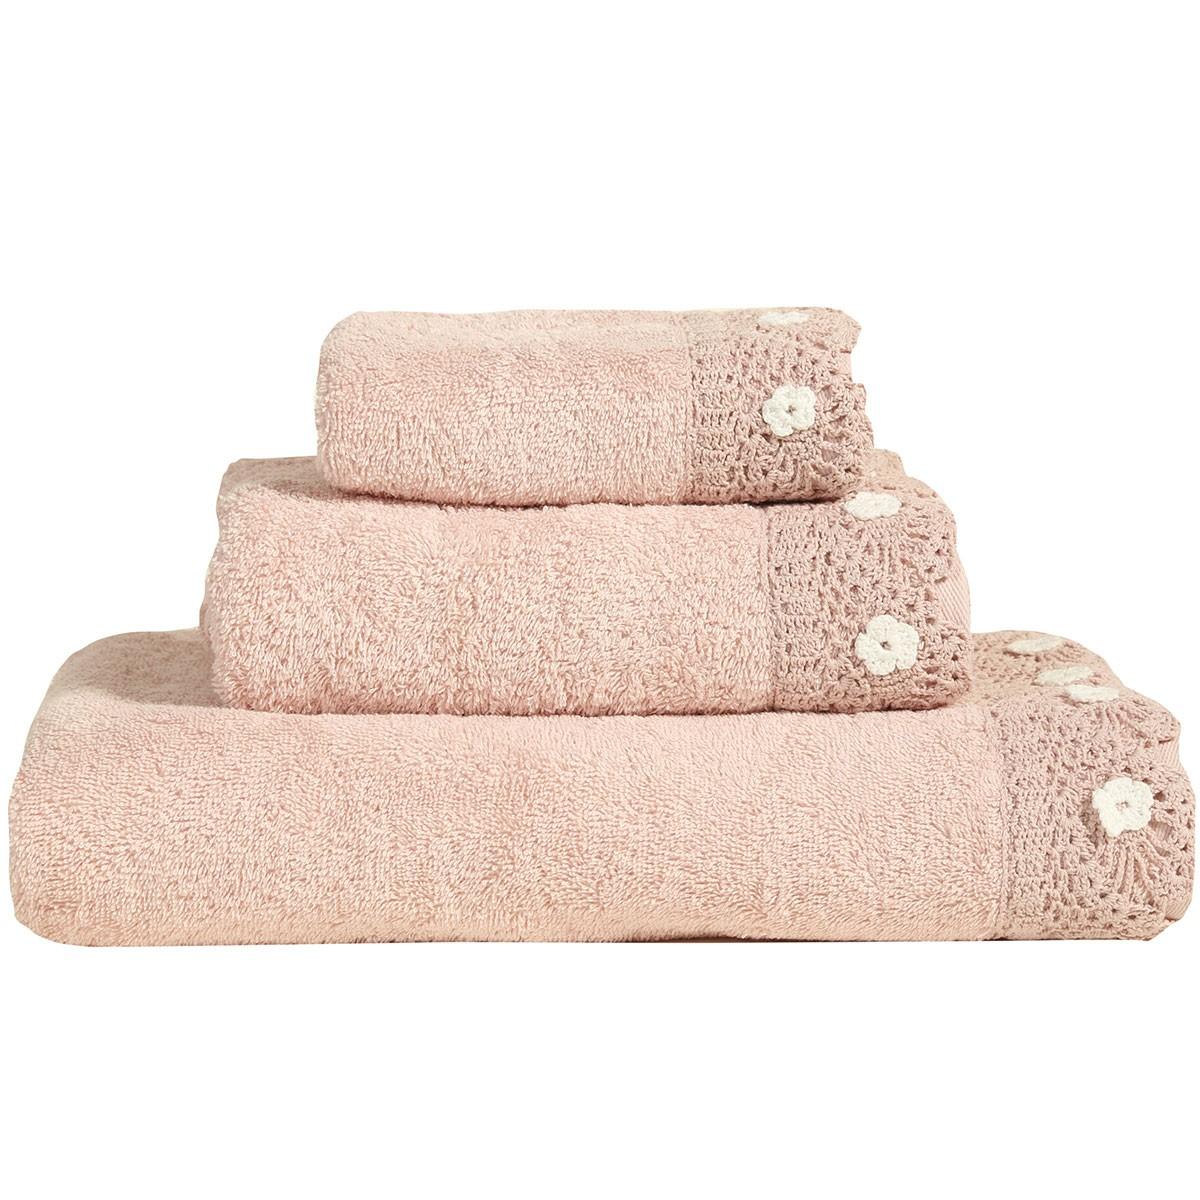 Πετσέτες Μπάνιου (Σετ 3τμχ) Nef-Nef Sofia